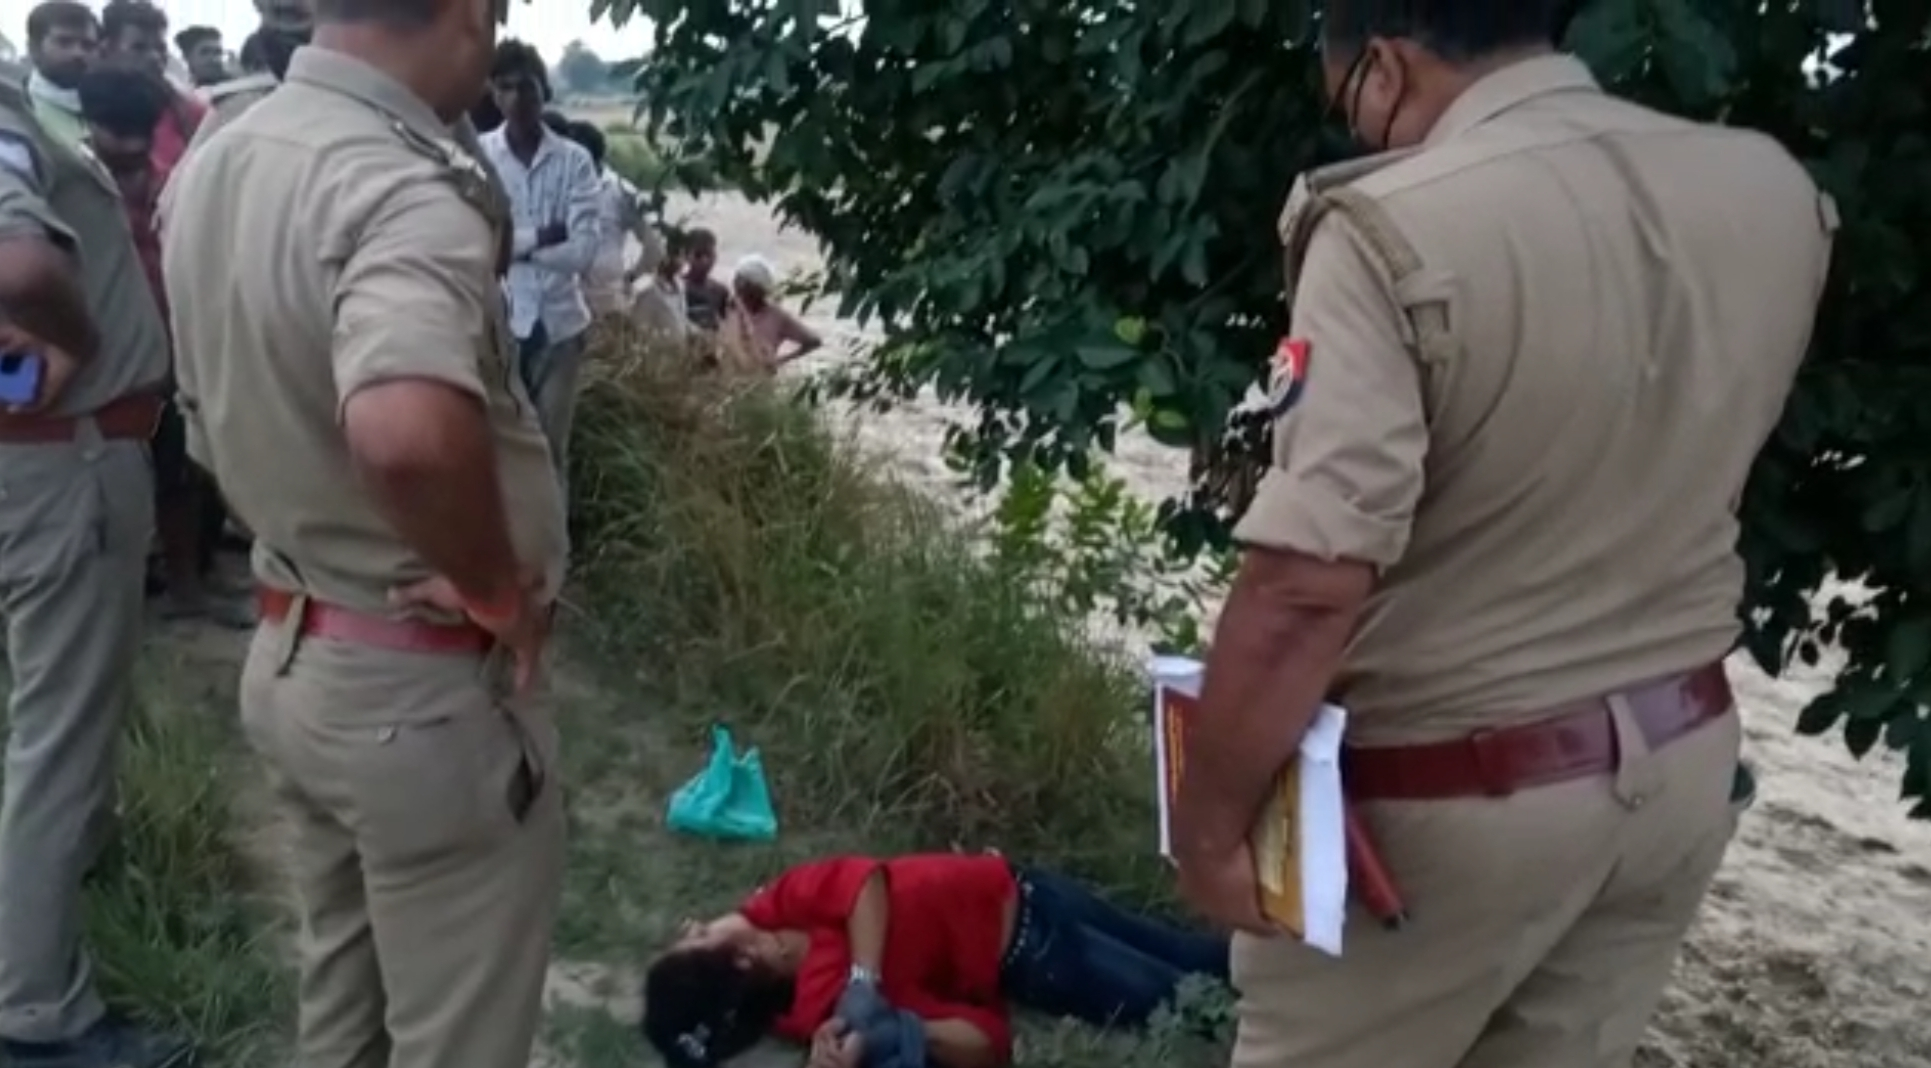 दुपट्टे से बंधे मिले दोनों हाथ, रेप के बाद गला घोंटकर हत्या की आशंका; शिनाख्त में लगी पुलिस-बीयर के कैन व खाली बोतले पड़ी मिली|कानपुर,Kanpur - Dainik Bhaskar